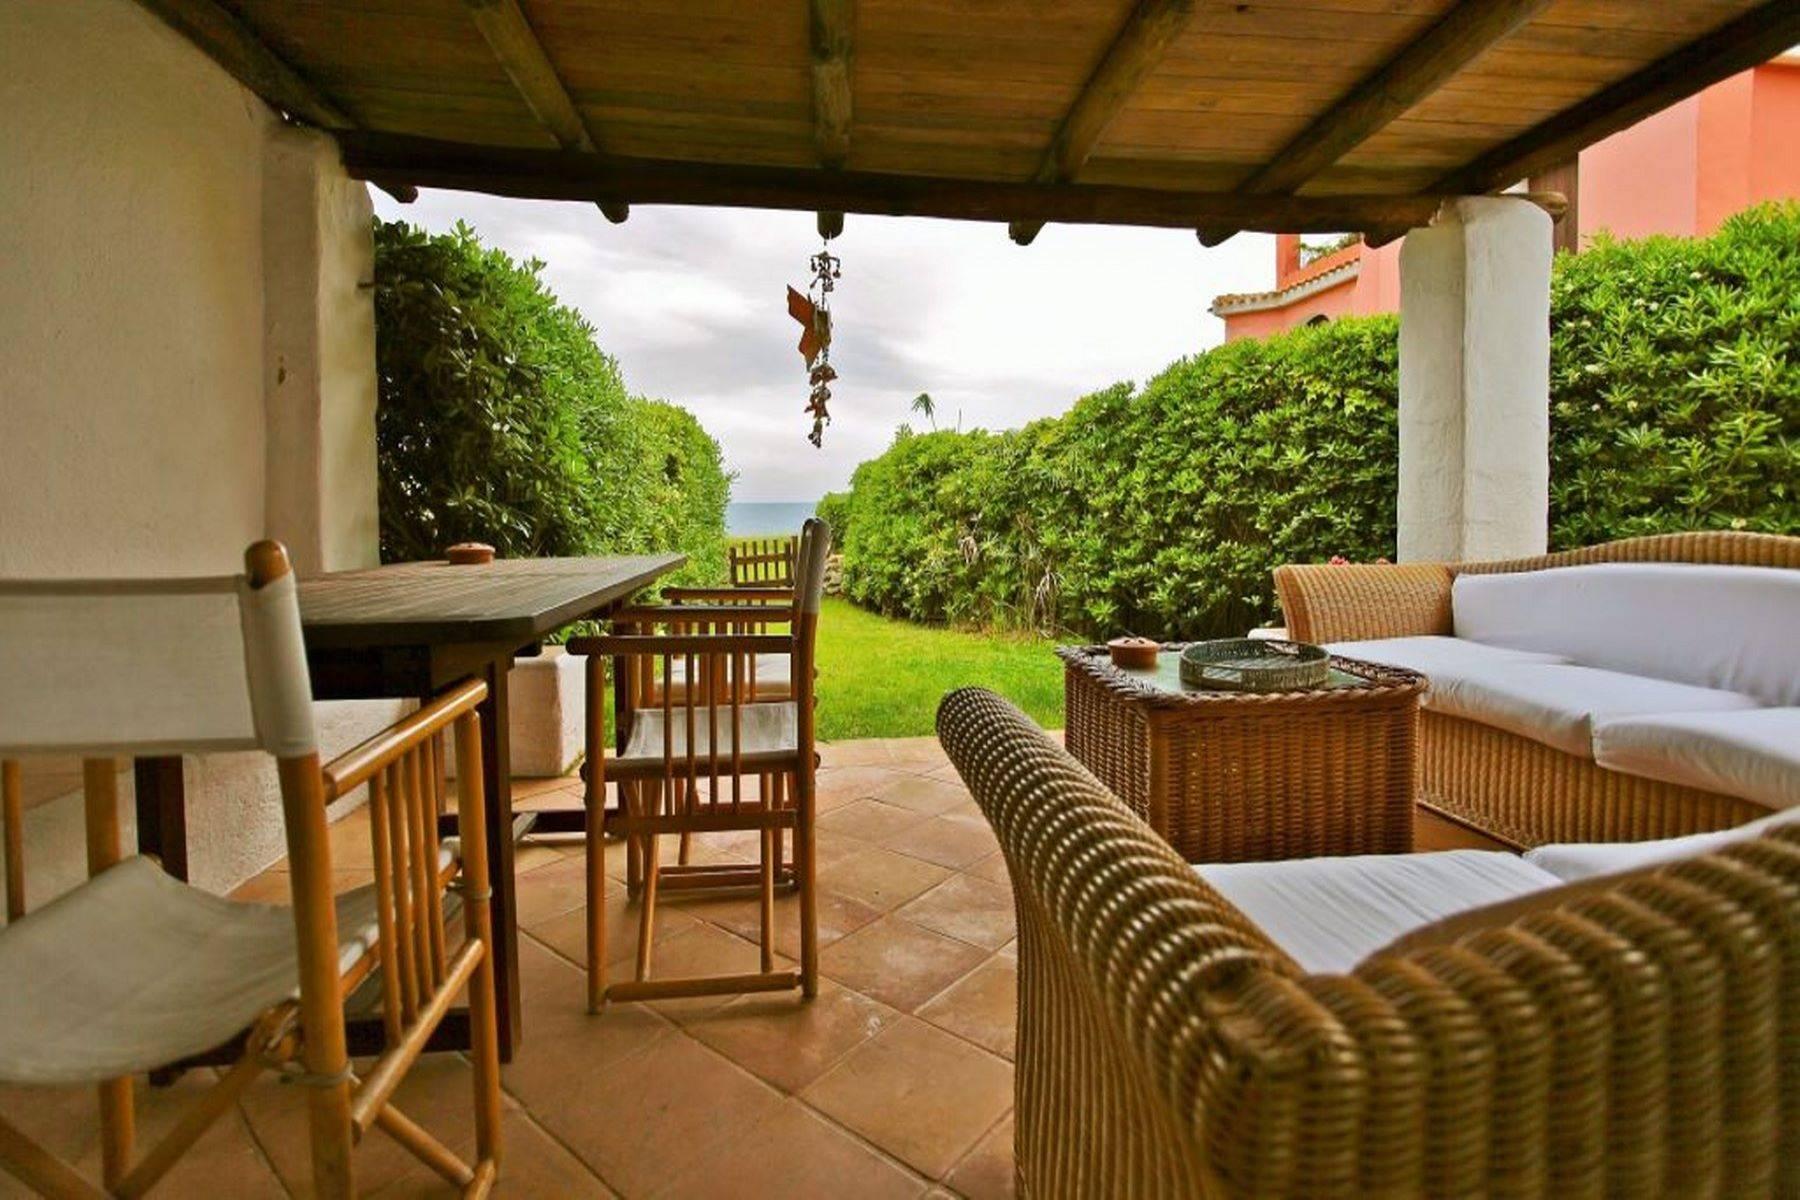 Appartamento in Vendita a Arzachena: 5 locali, 110 mq - Foto 2